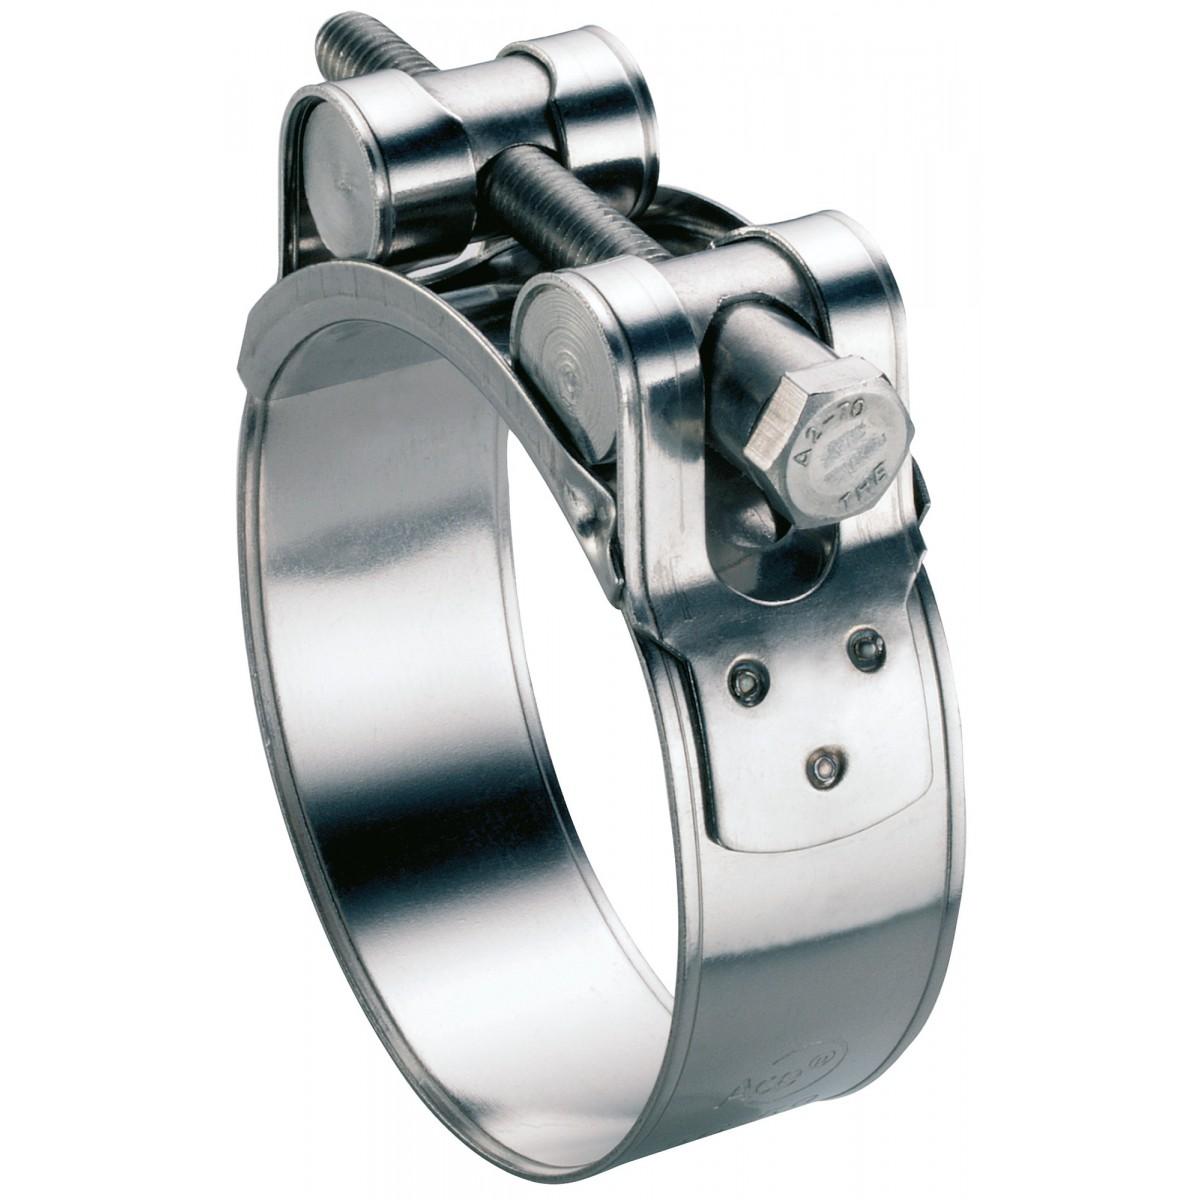 Collier à tourillons inox W4 Ace - Diamètre 48 - 51 mm - Vendu par 5